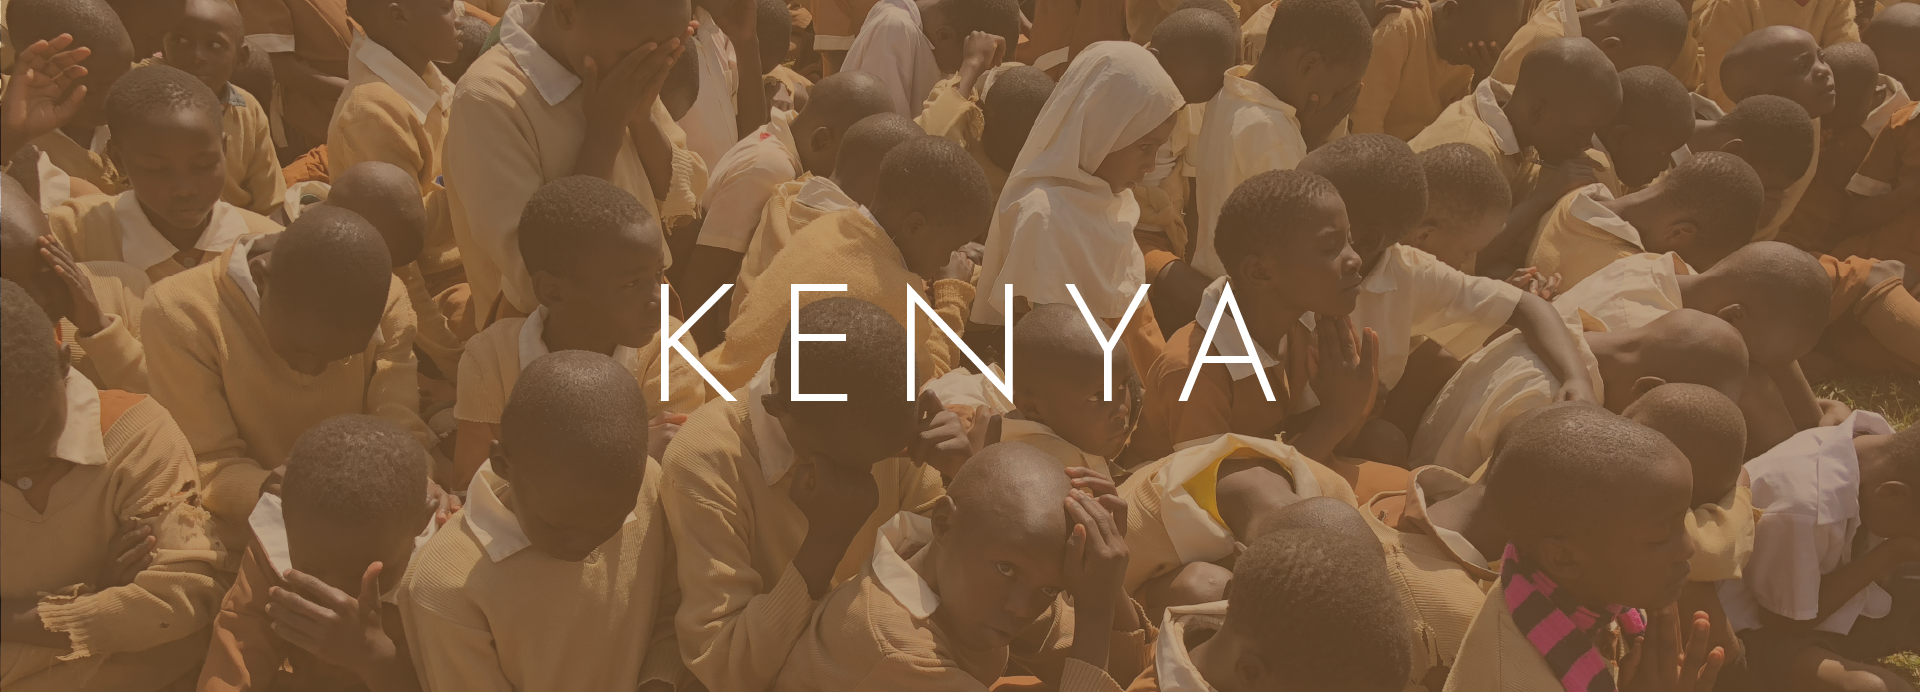 Kenya_app.png